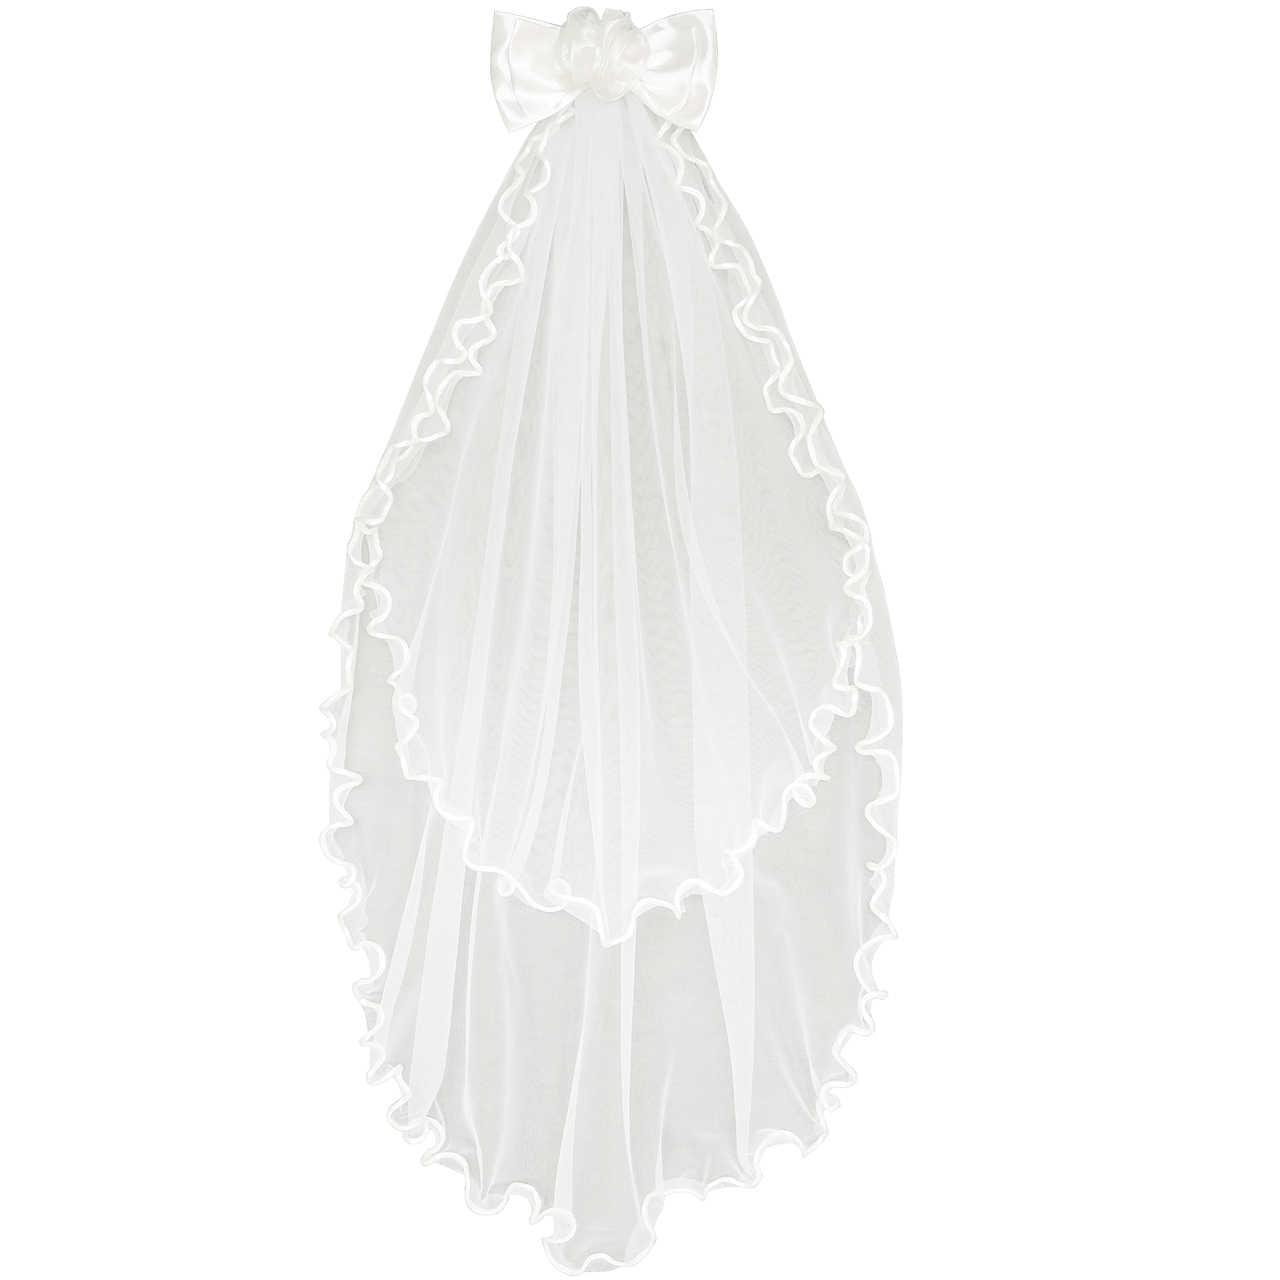 Sunny Fashion Kız Çocuk Elbise Çiçek Kırık beyaz Düğün Duvak İlk Cemaat